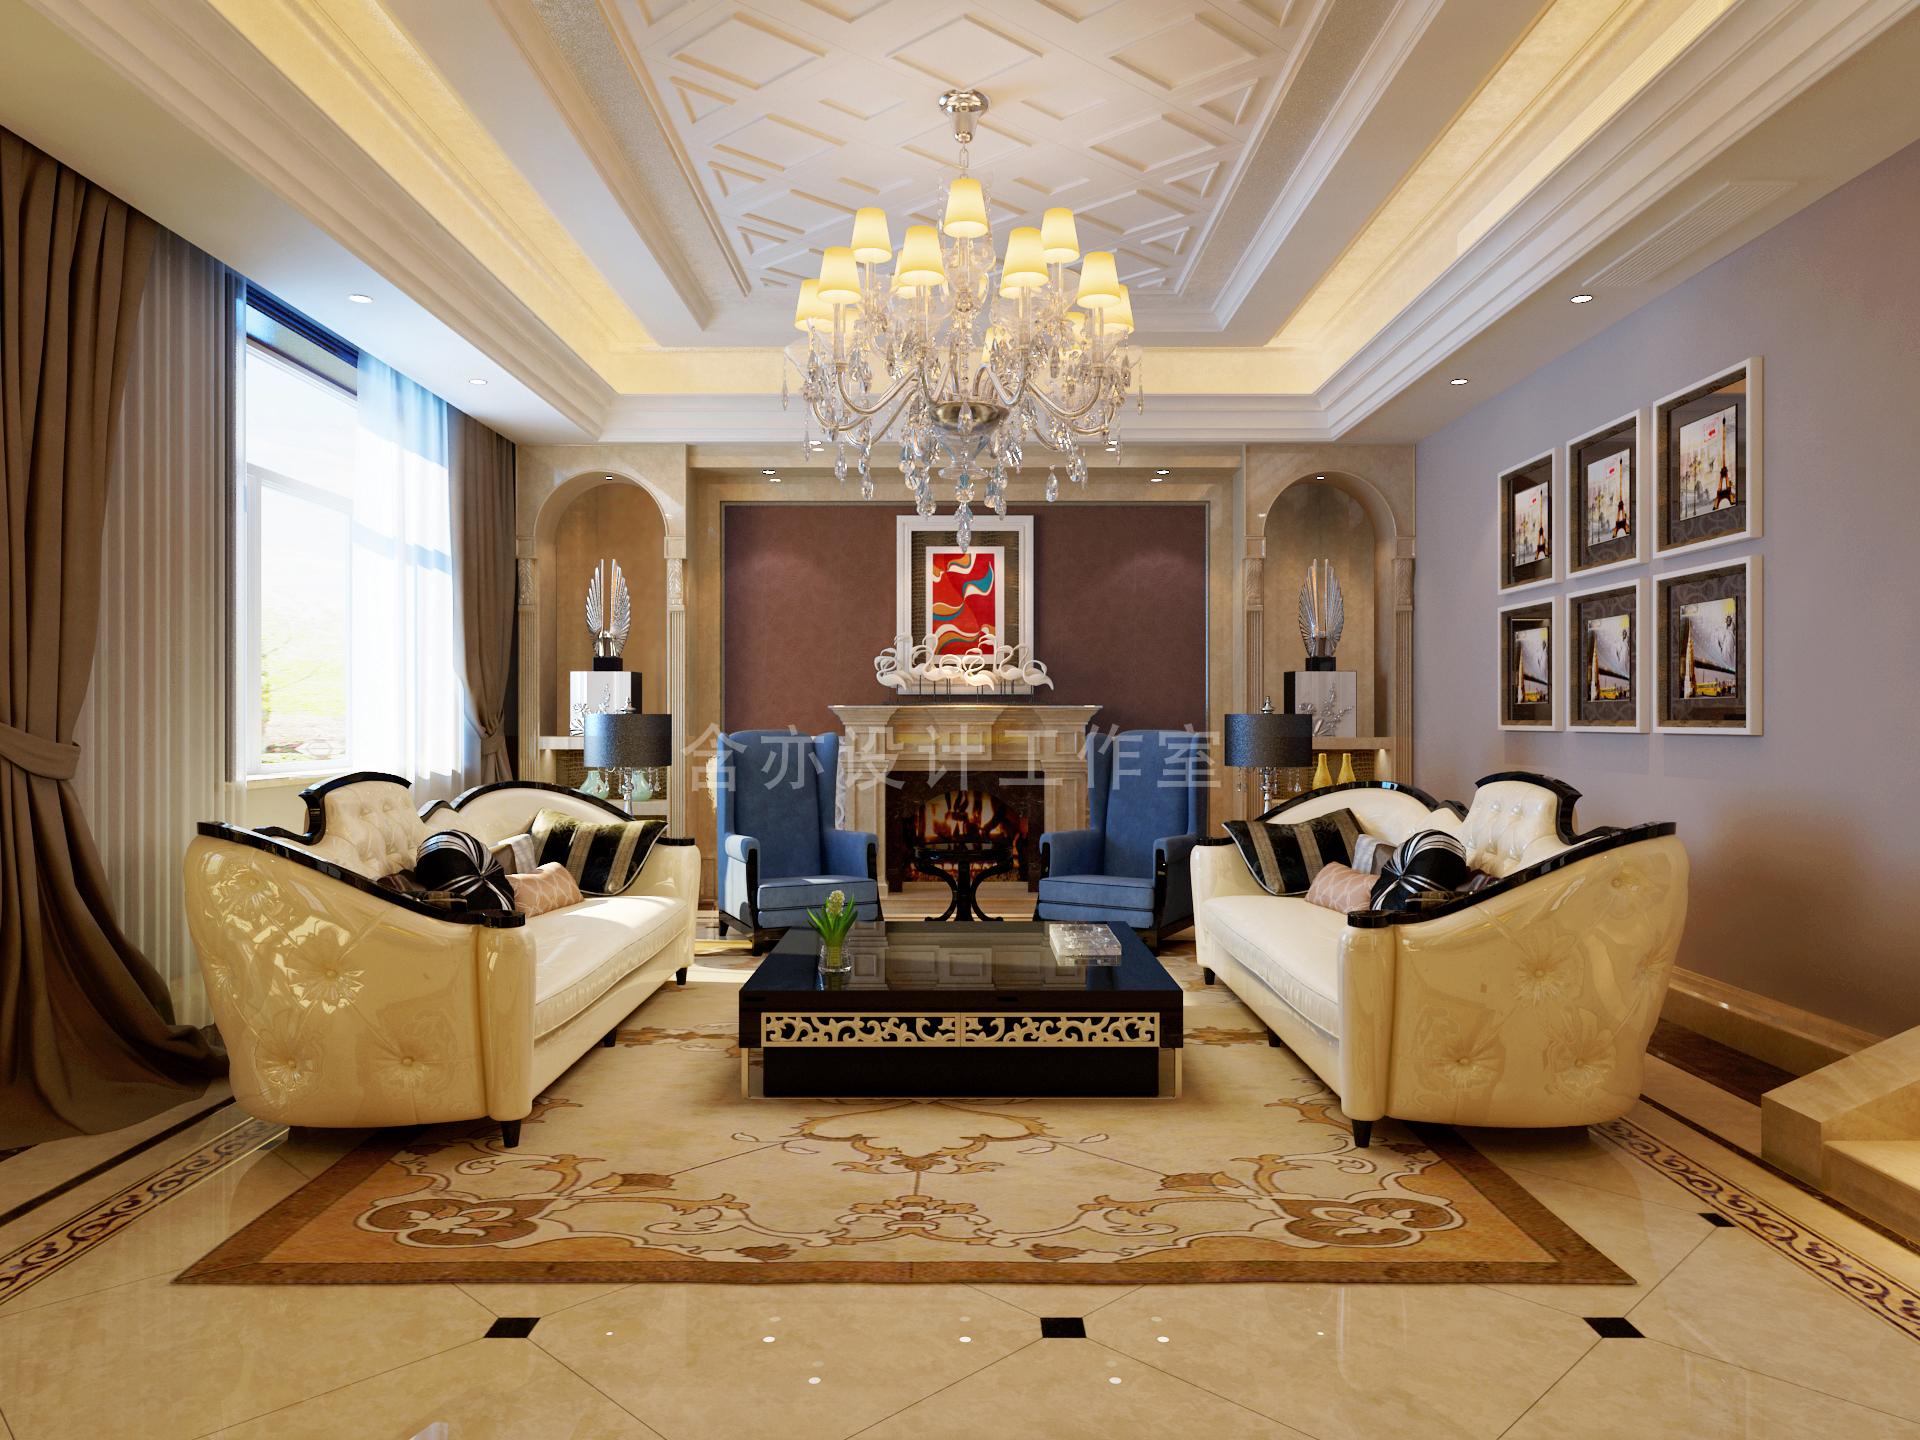 欧式 别墅 室内设计 太原设计师 客厅图片来自王含亦在绛县别墅的分享